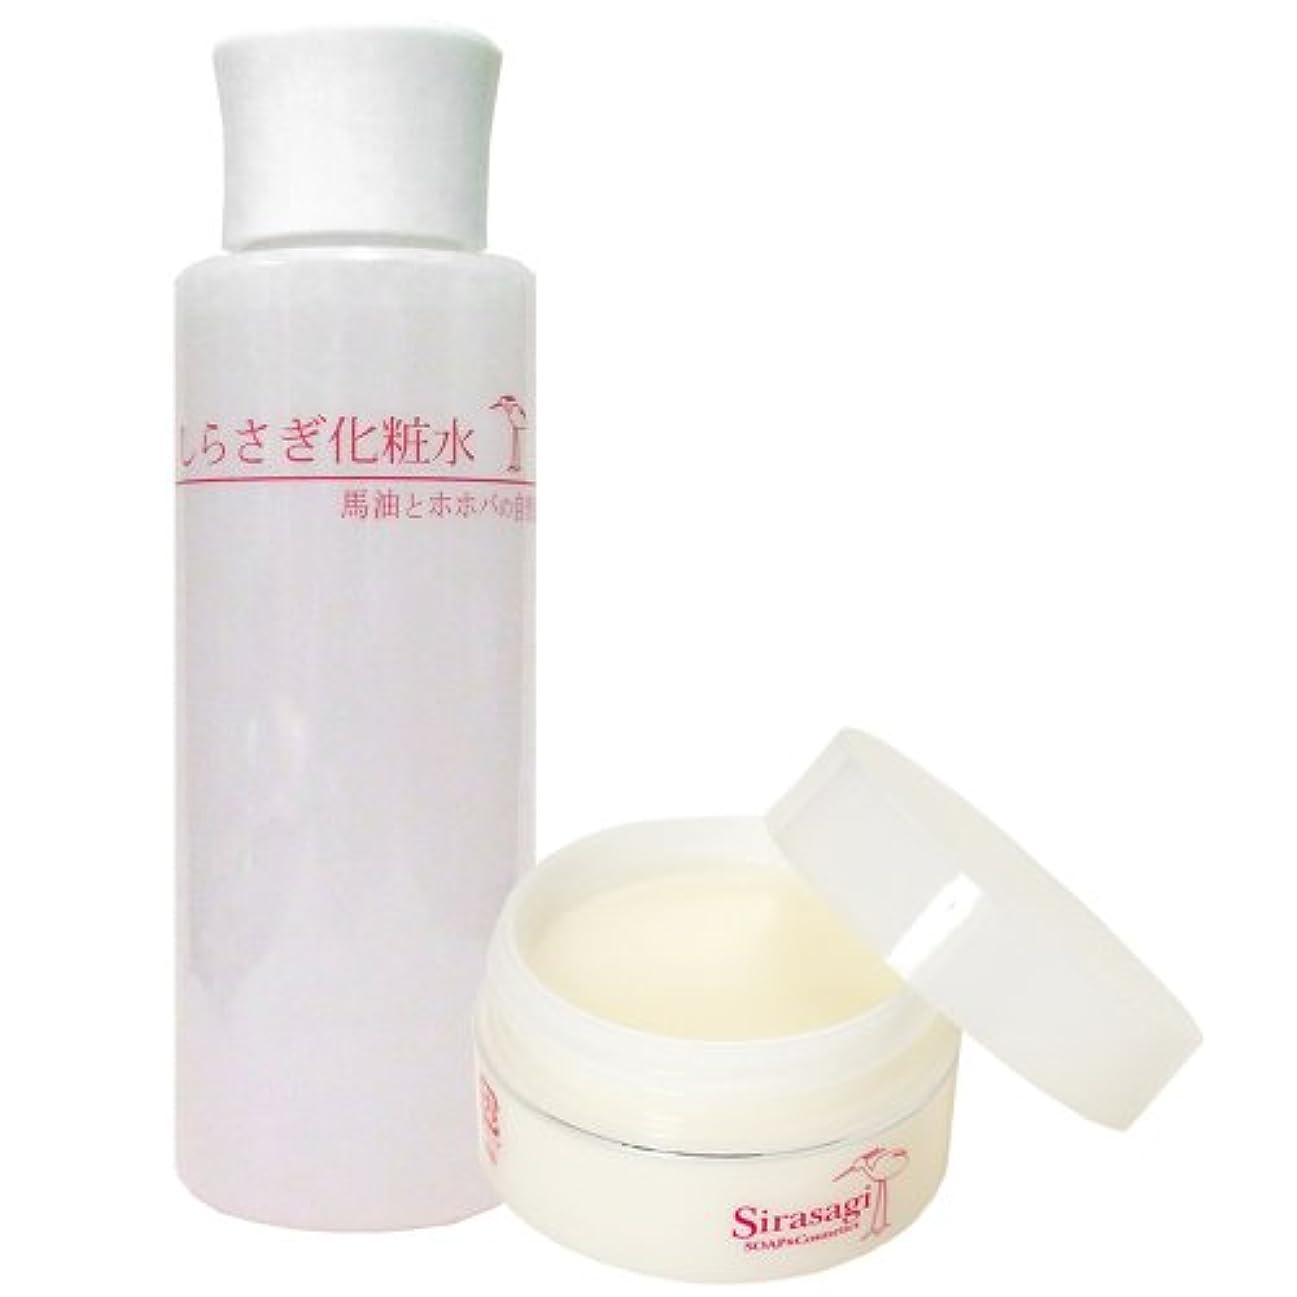 素晴らしき収益バタフライしらさぎクリーム(無香料)と新しらさぎ化粧水のセット